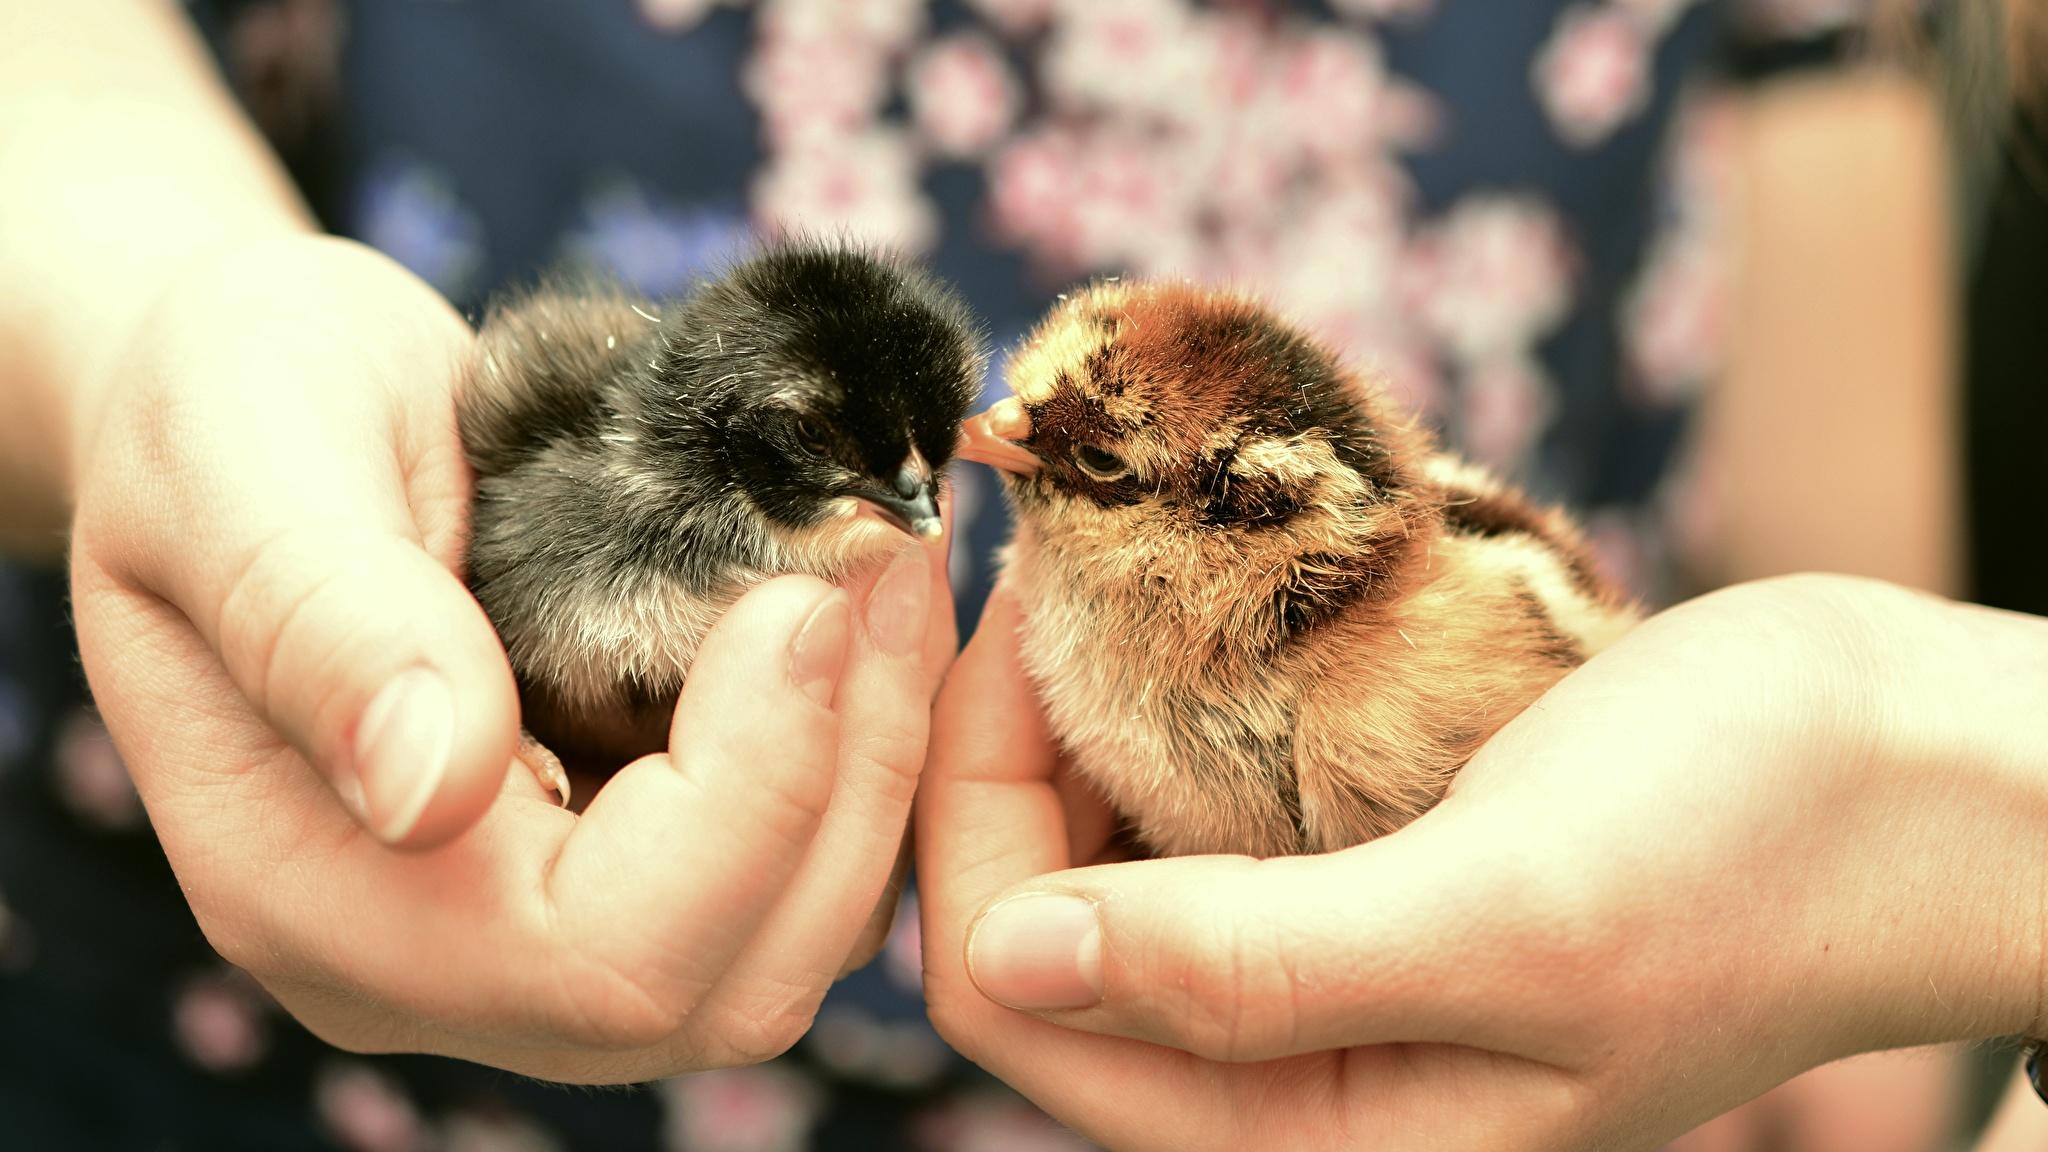 Bilder Hühner Hand Finger Tiere Großansicht 2048x1152